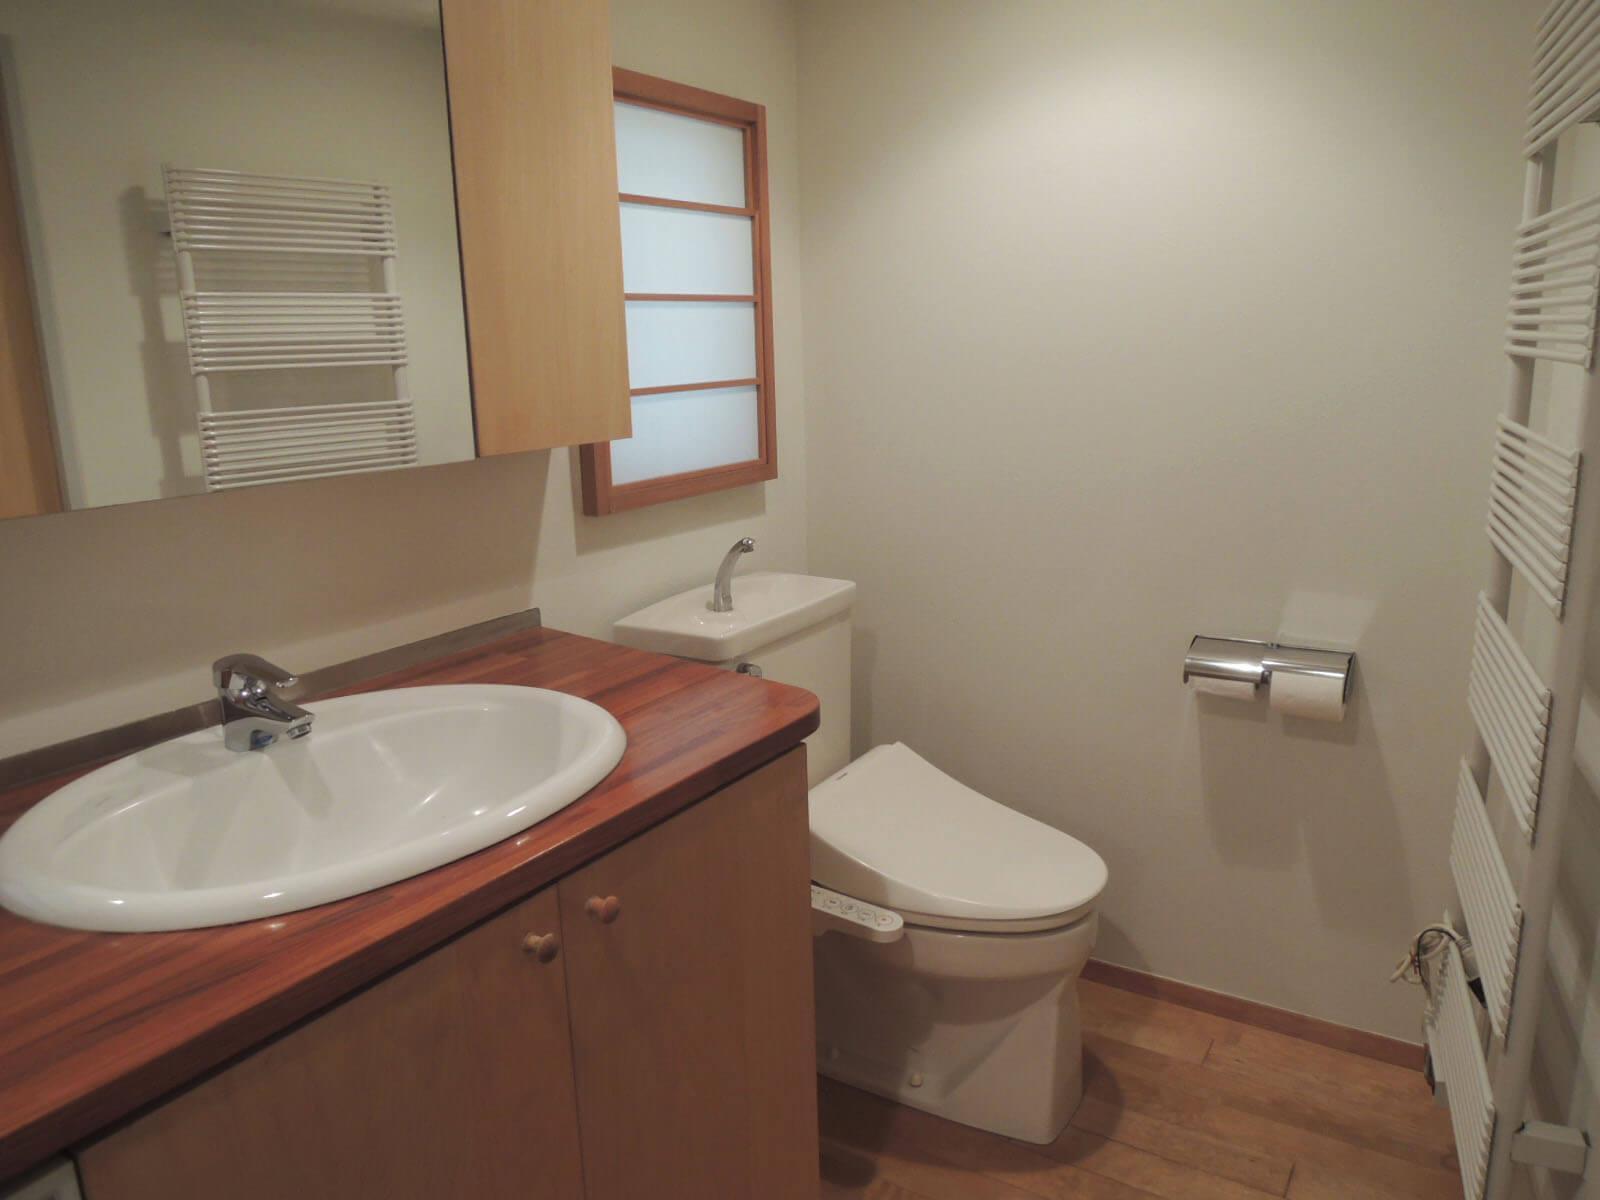 洗面とトイレは同室。窓面には障子がはめこまれ。